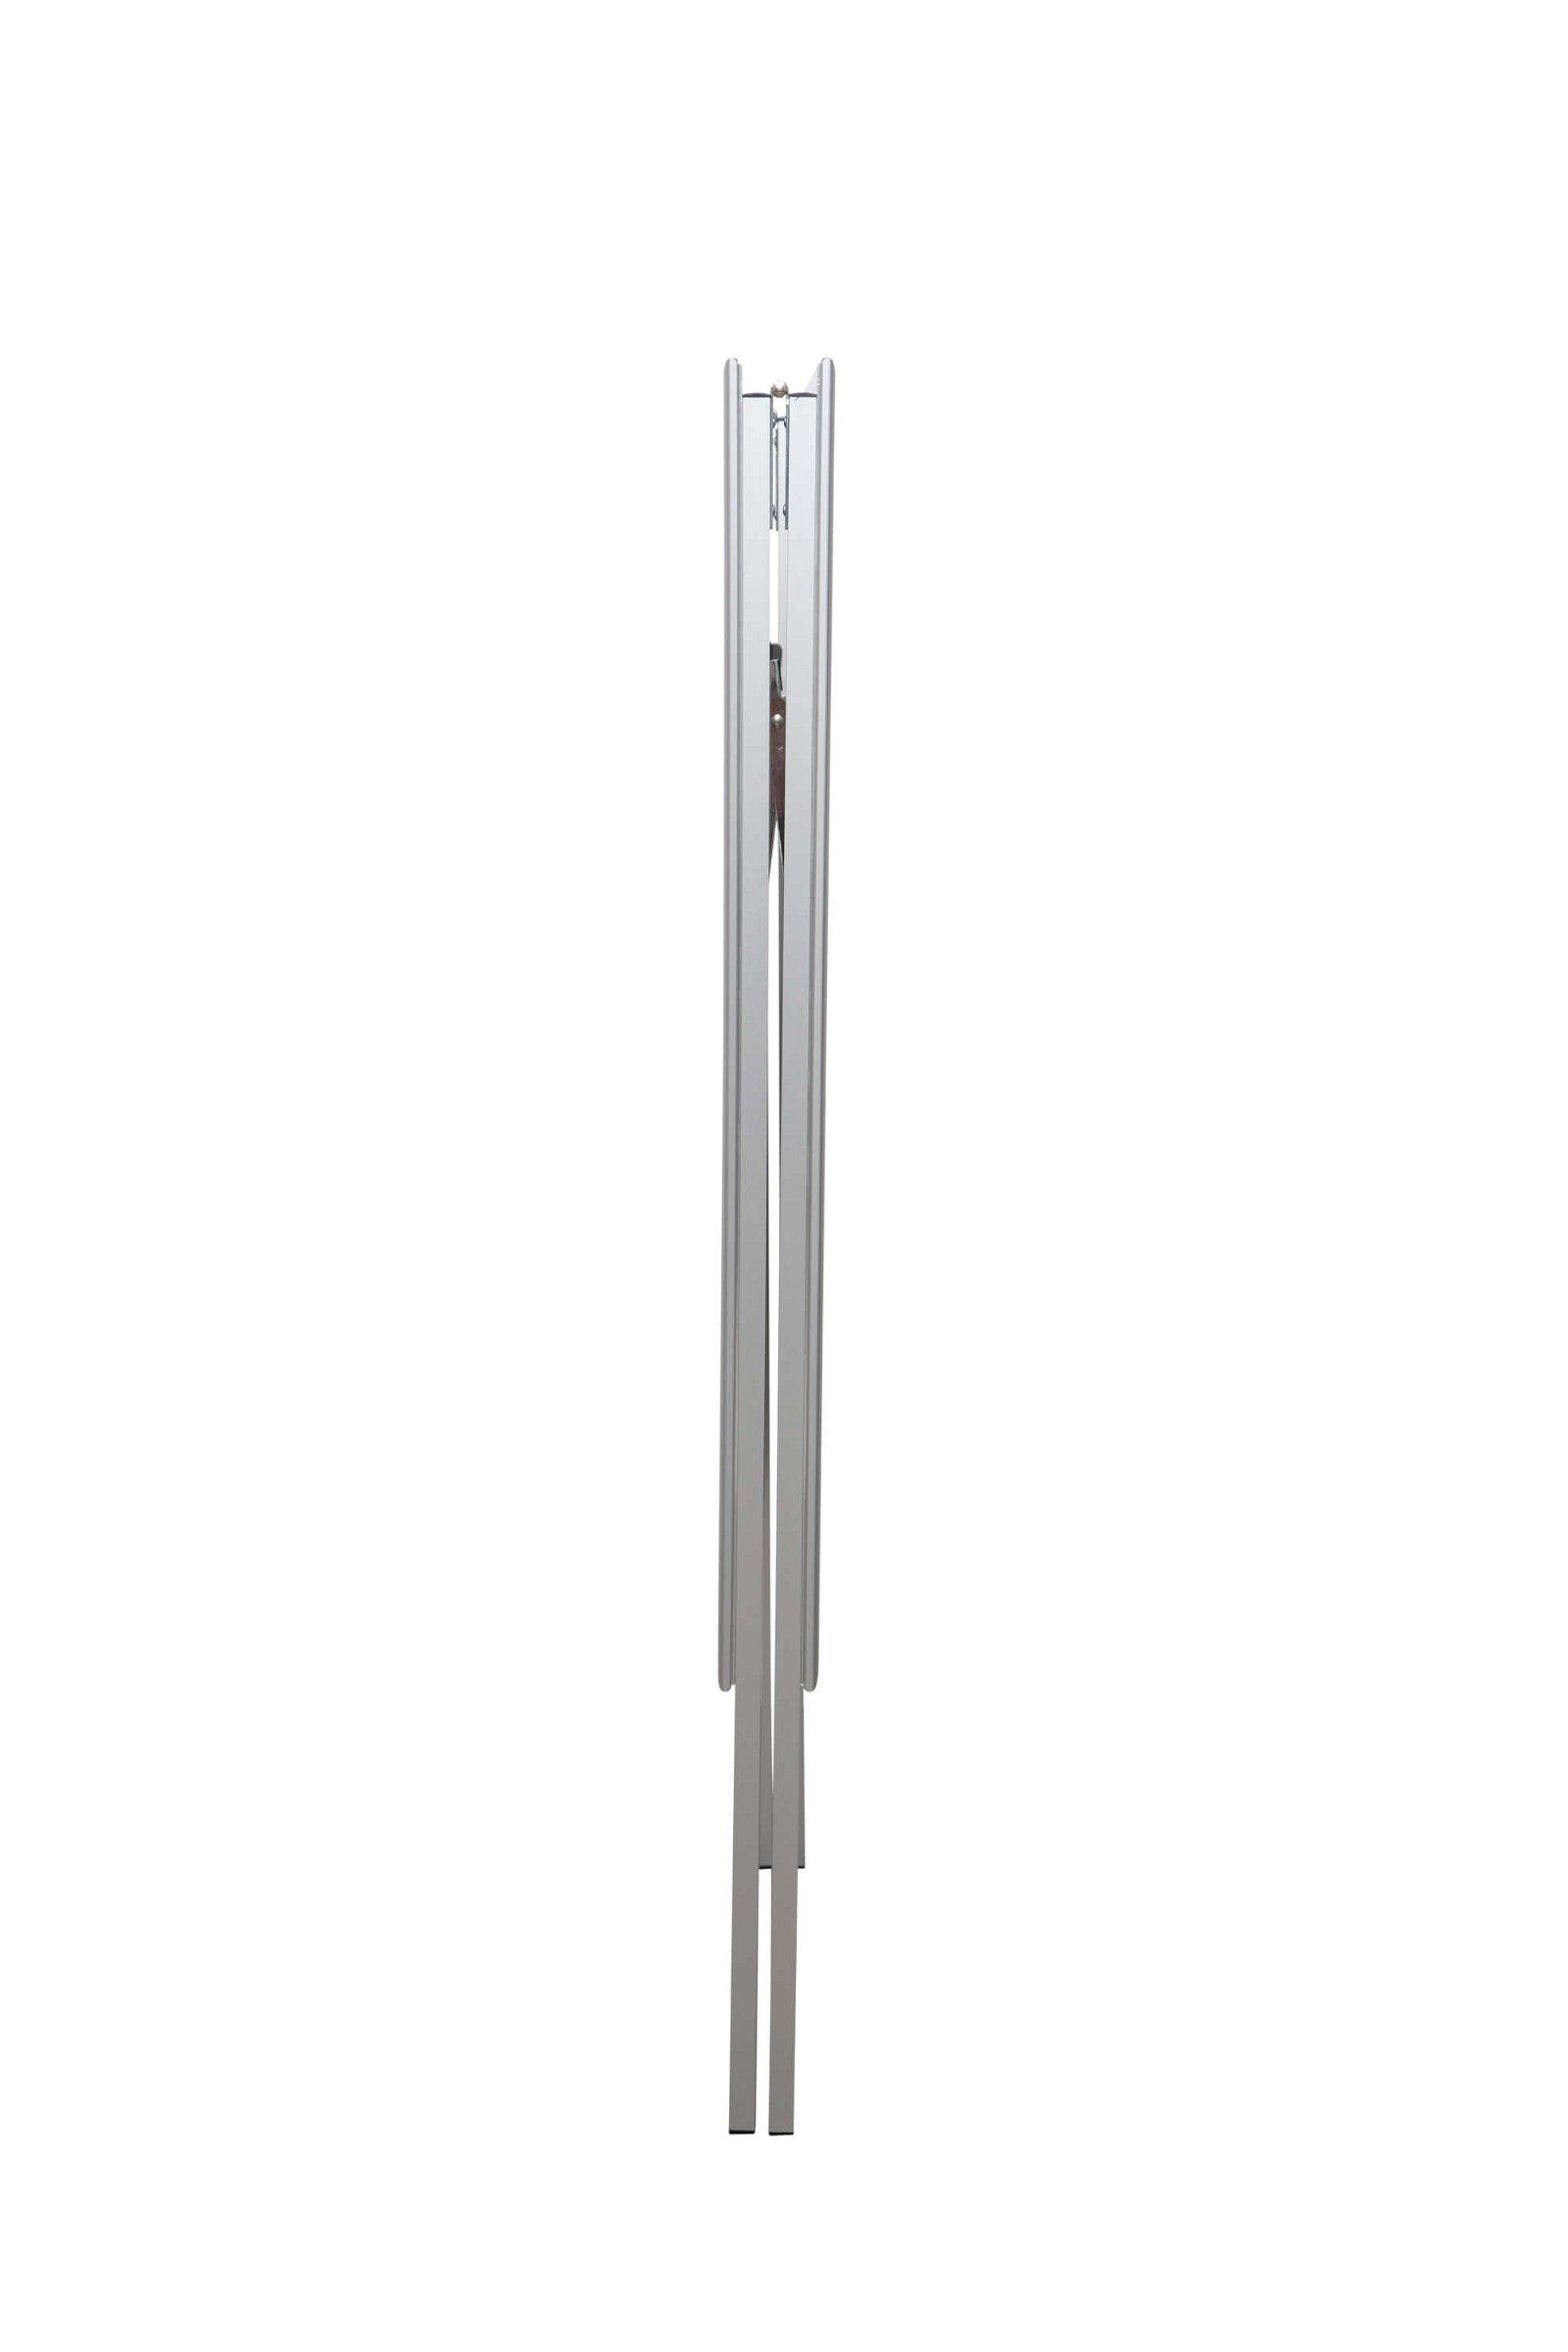 Kundenstopper MAULpublic, A1, aluminium